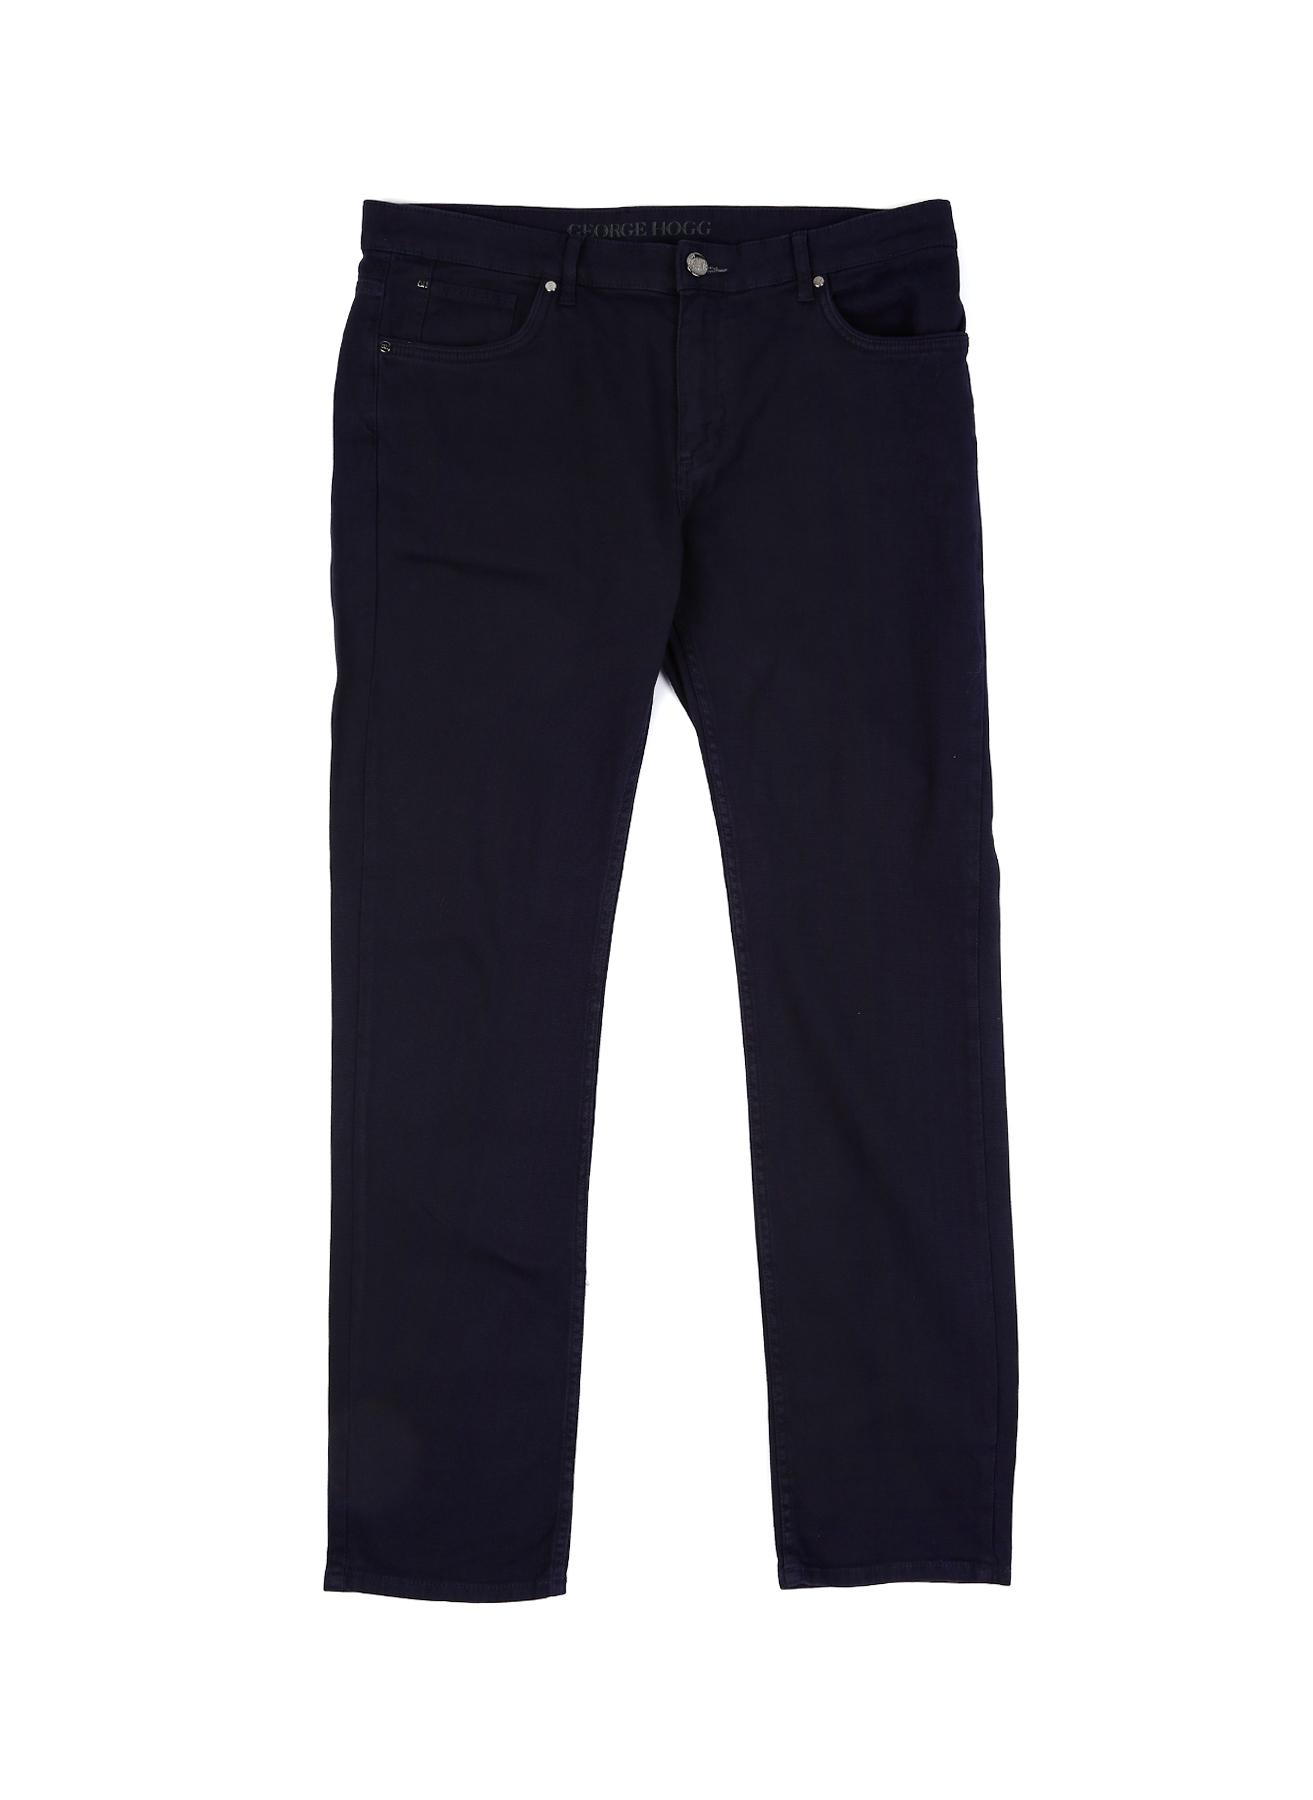 George Hogg Klasik Pantolon 36-34 5002303432001 Ürün Resmi